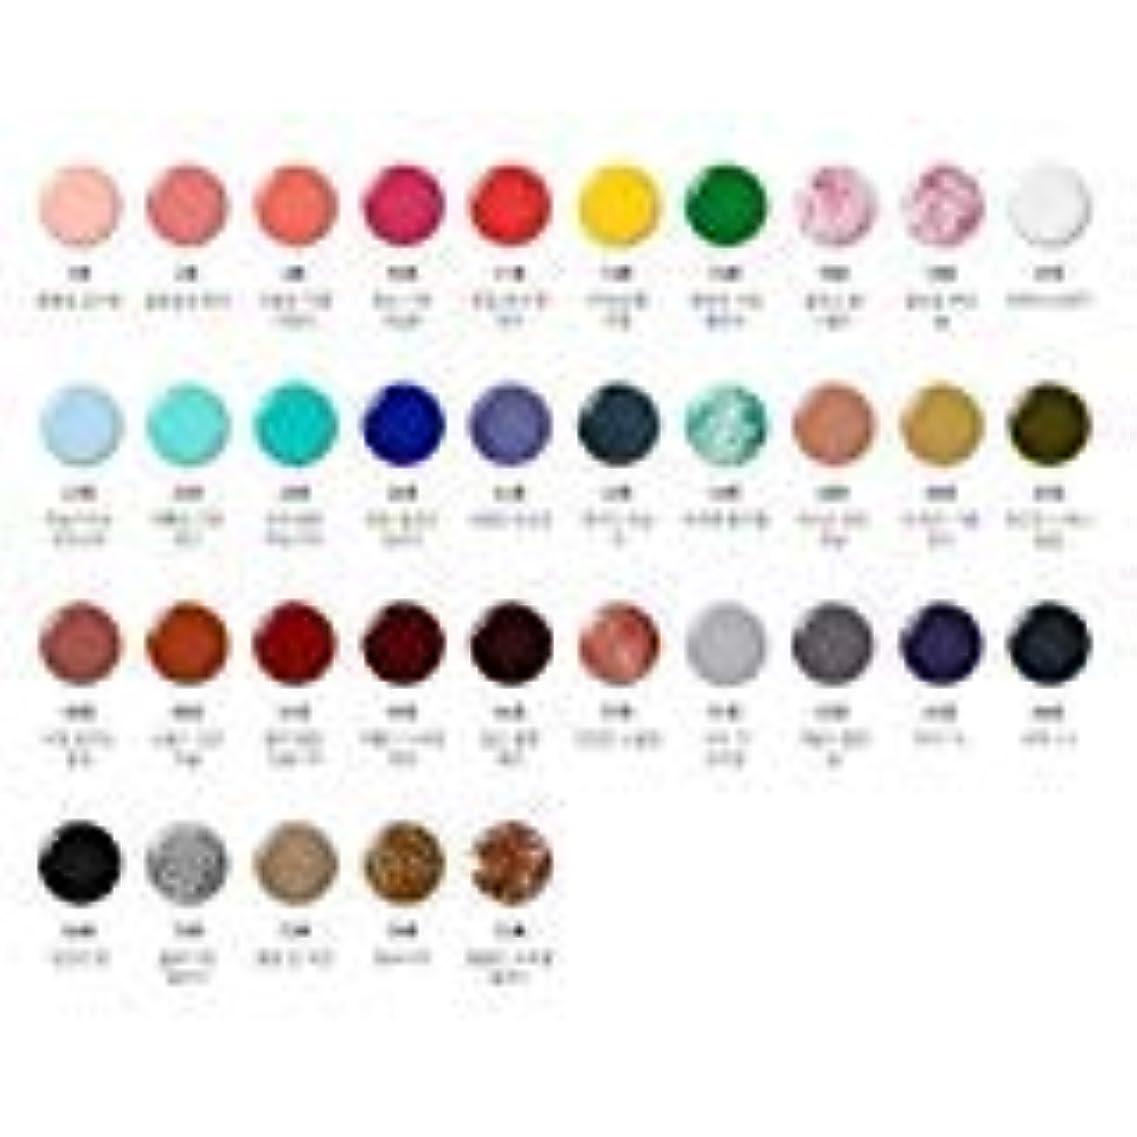 ゴシップ腫瘍しなければならない[イニスフリー.innisfree]リアルカラーネイル6mL(2019 new)/ Real Color Nail_美しい自然からインスピレーションを受けた鮮やかなカラー感の高発色高光沢ネイルカラー (#46)